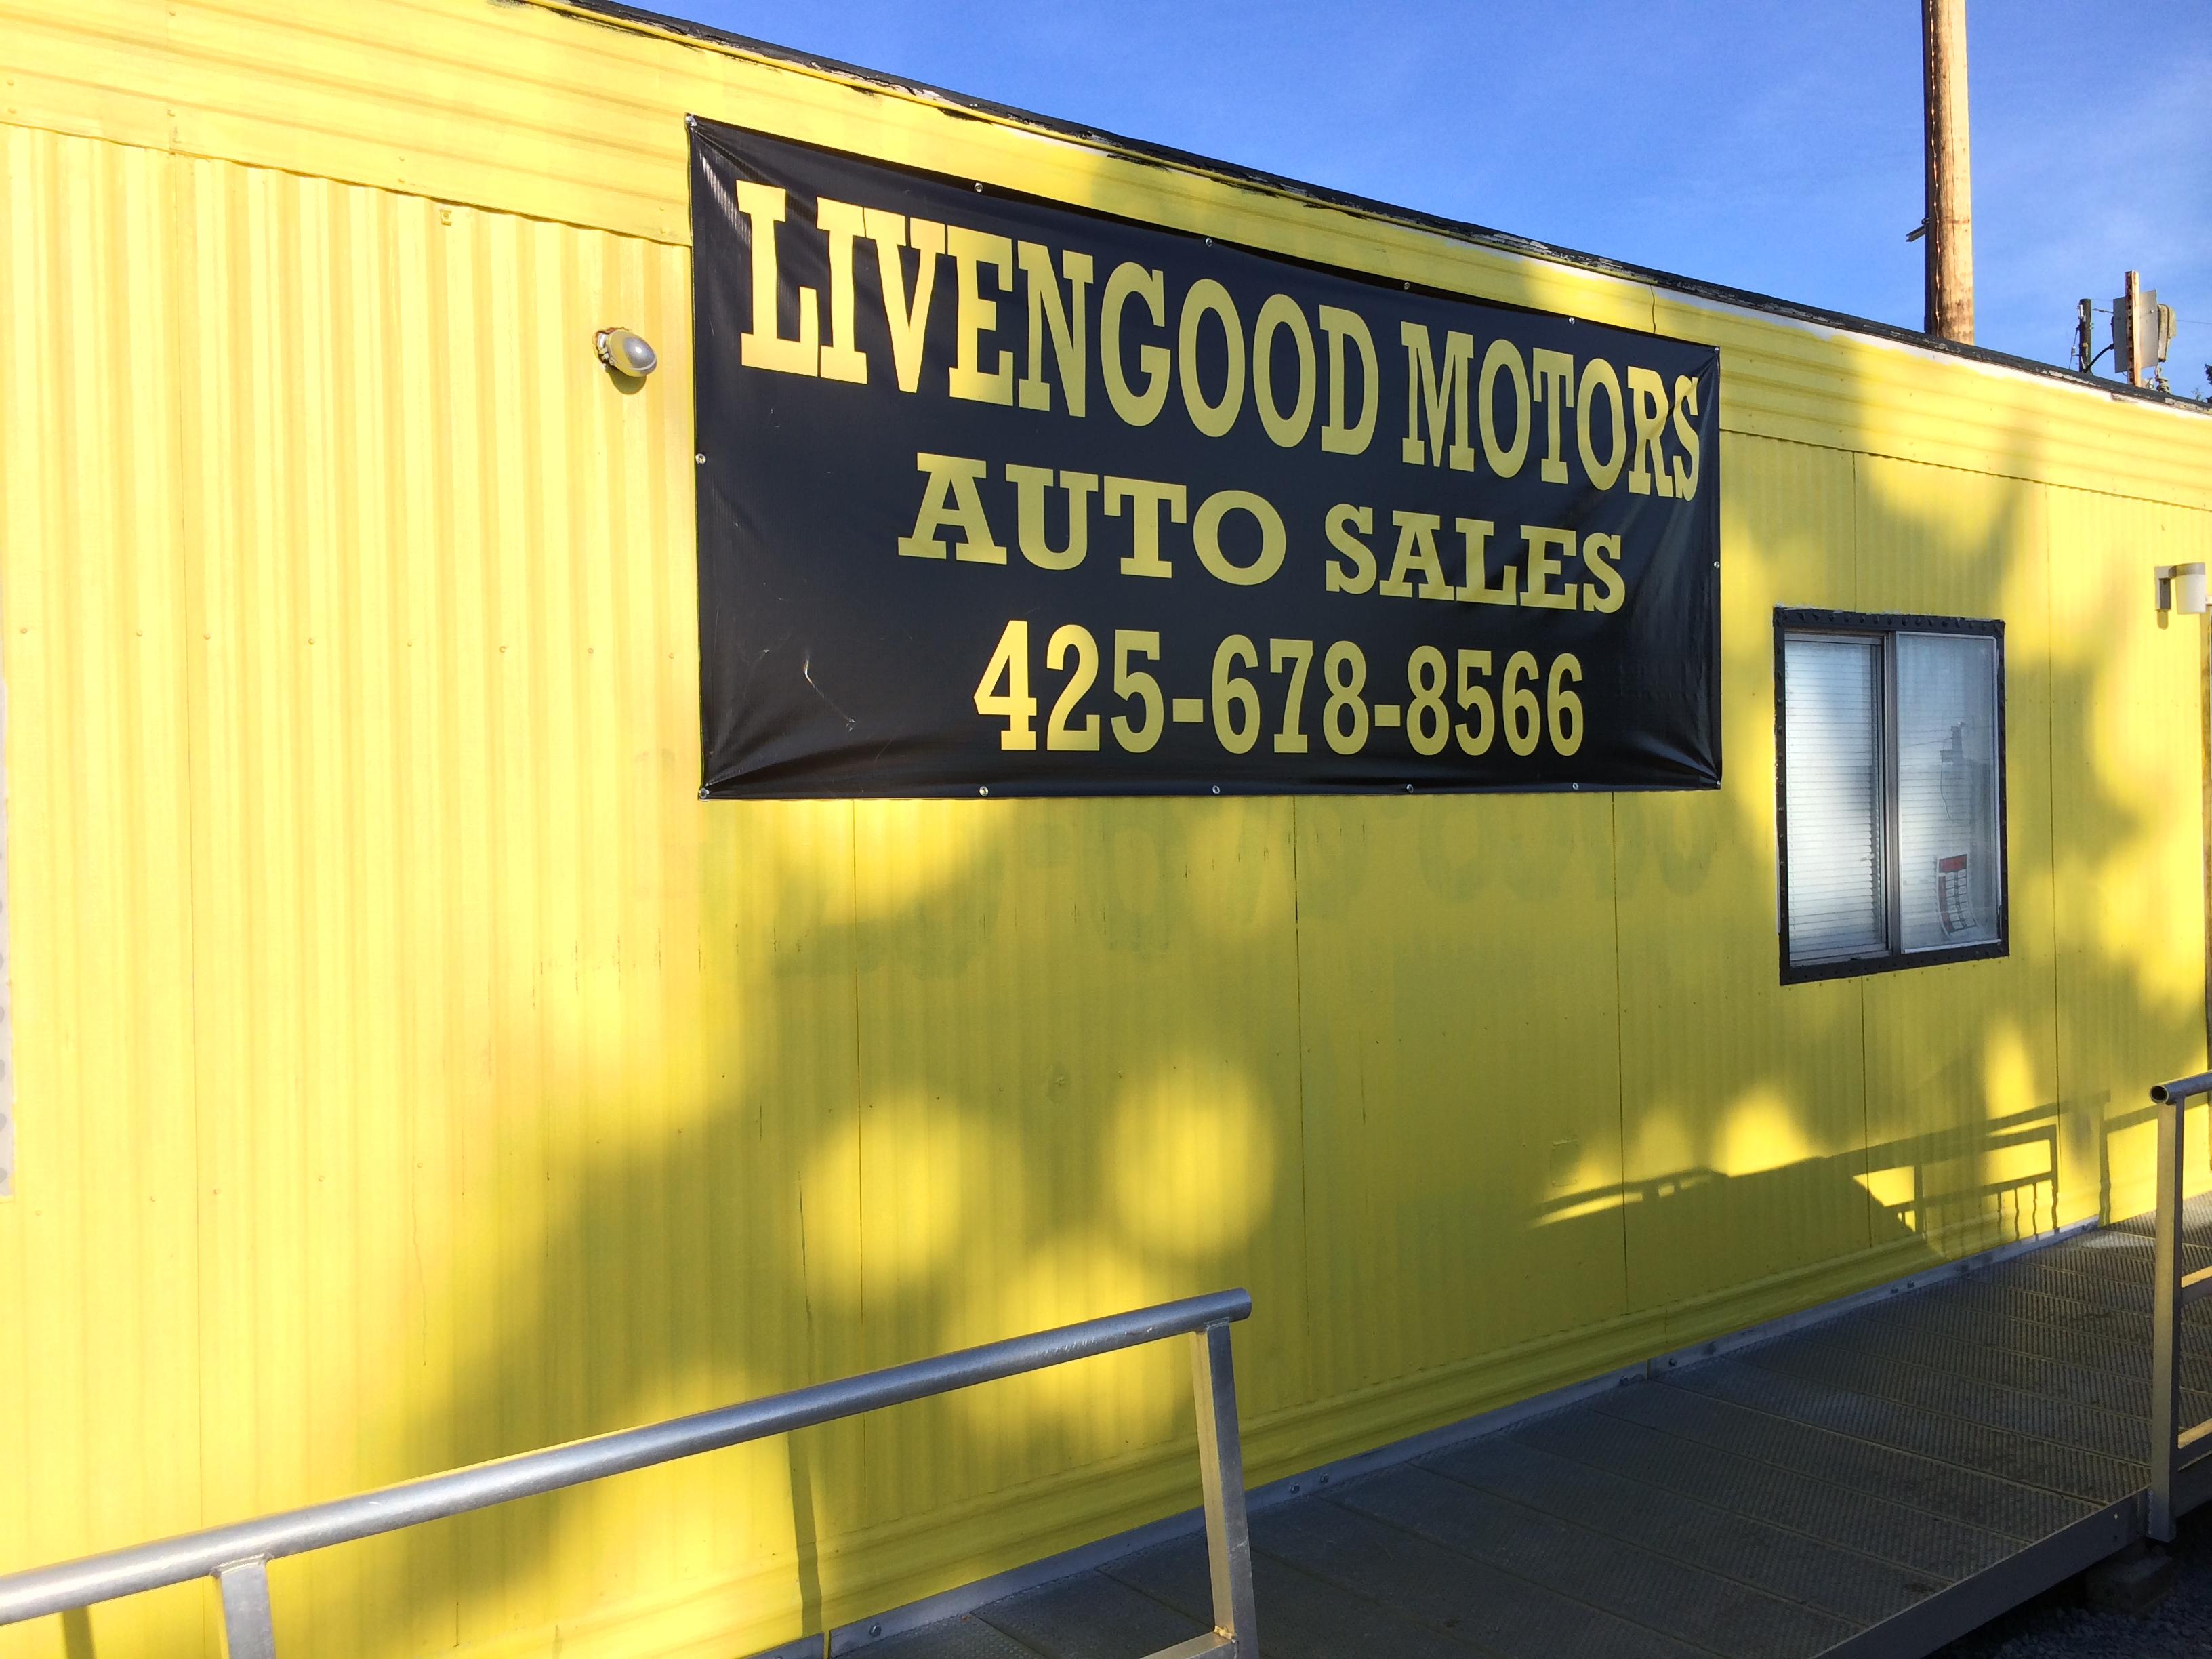 Livengood Motors Auto Sales